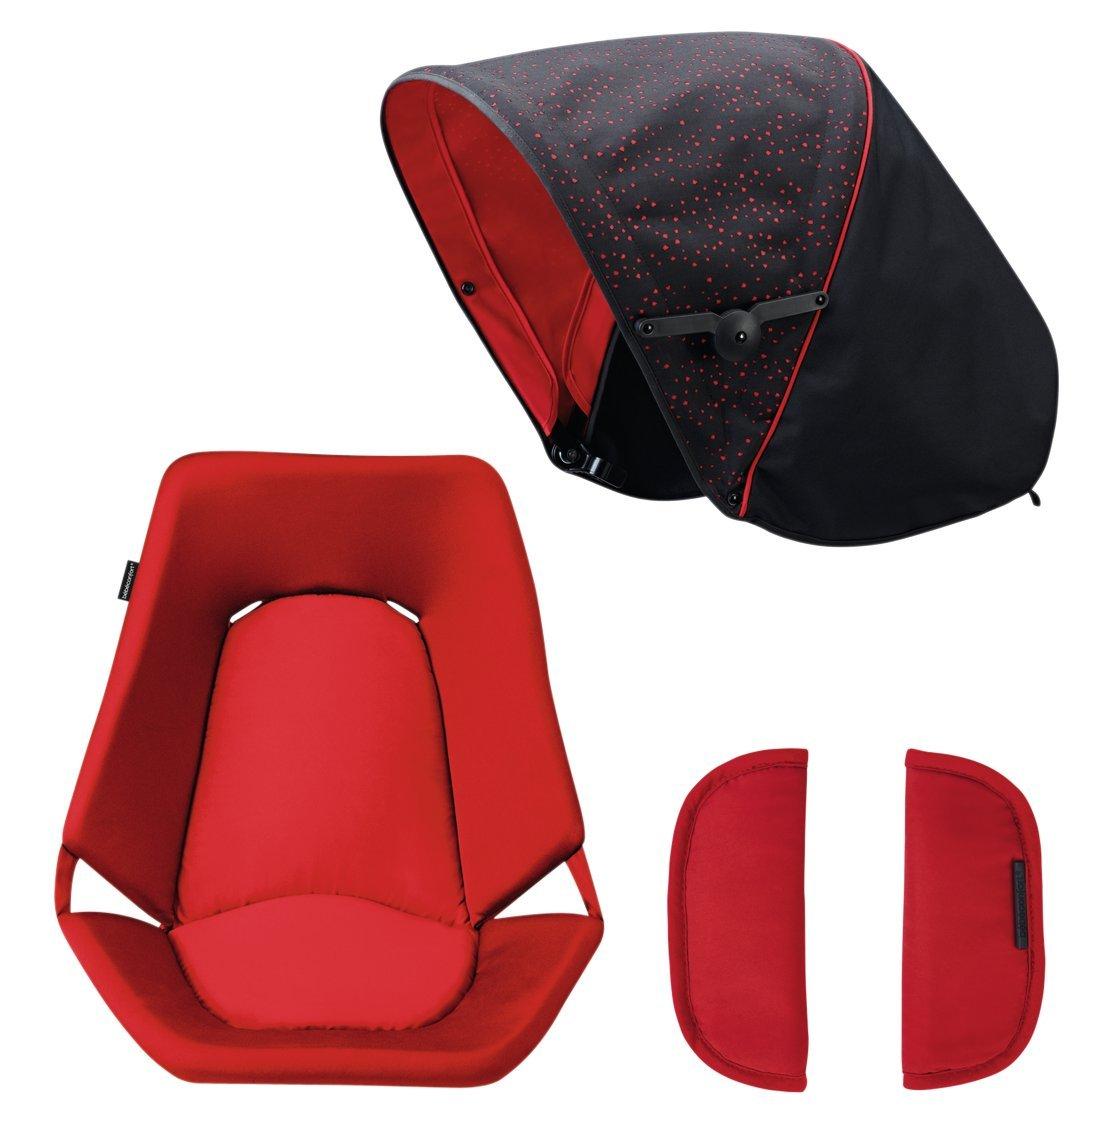 Bébé Confort Pack Accessoires Mix & Match Bright Red Collection 2014 BEBECONFORT 24017450